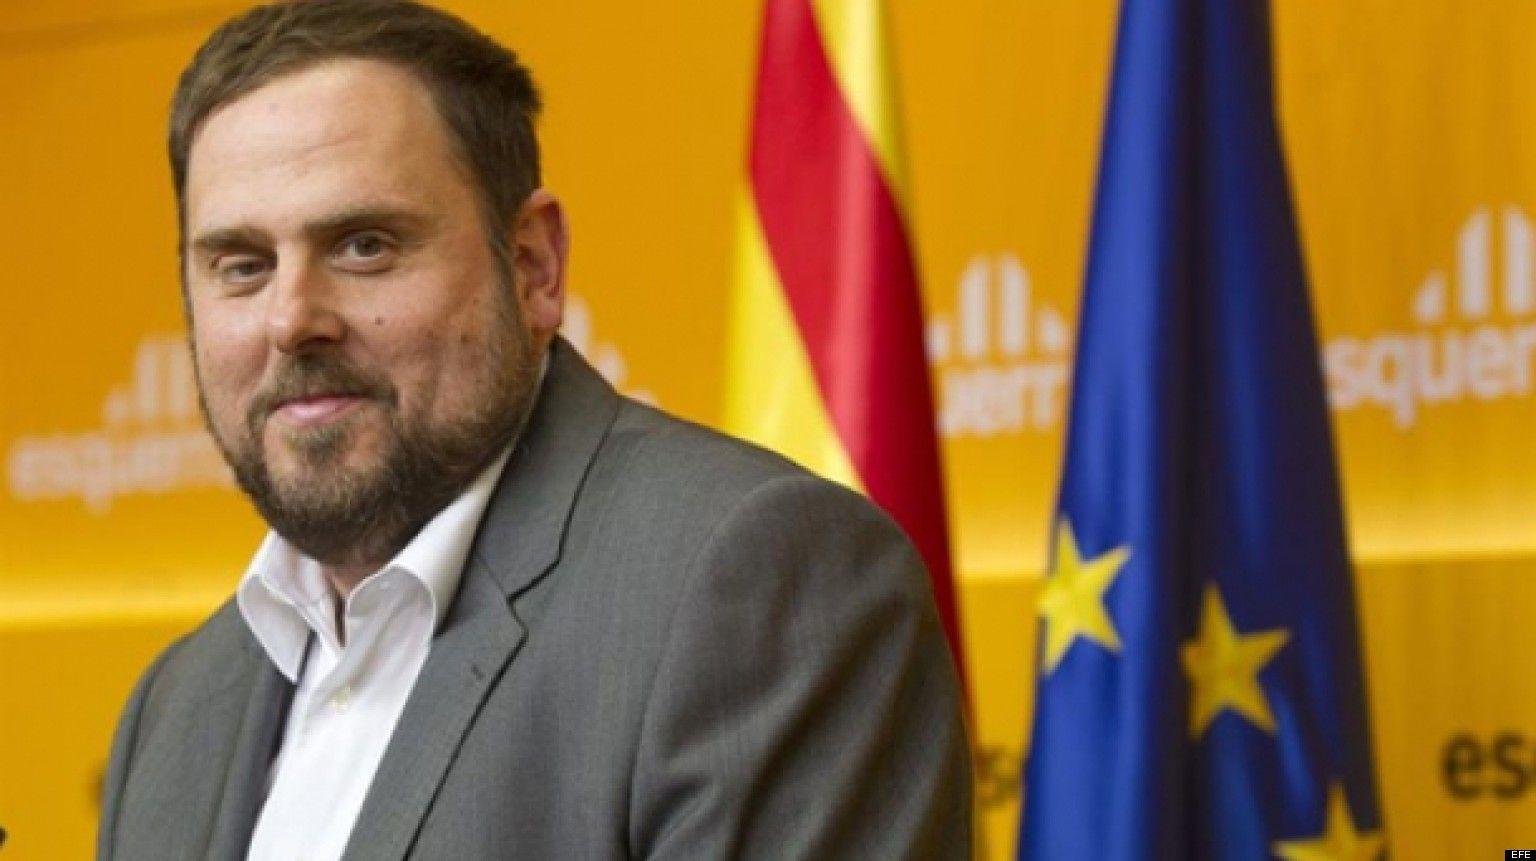 ¿Quién es Oriol Junqueras?